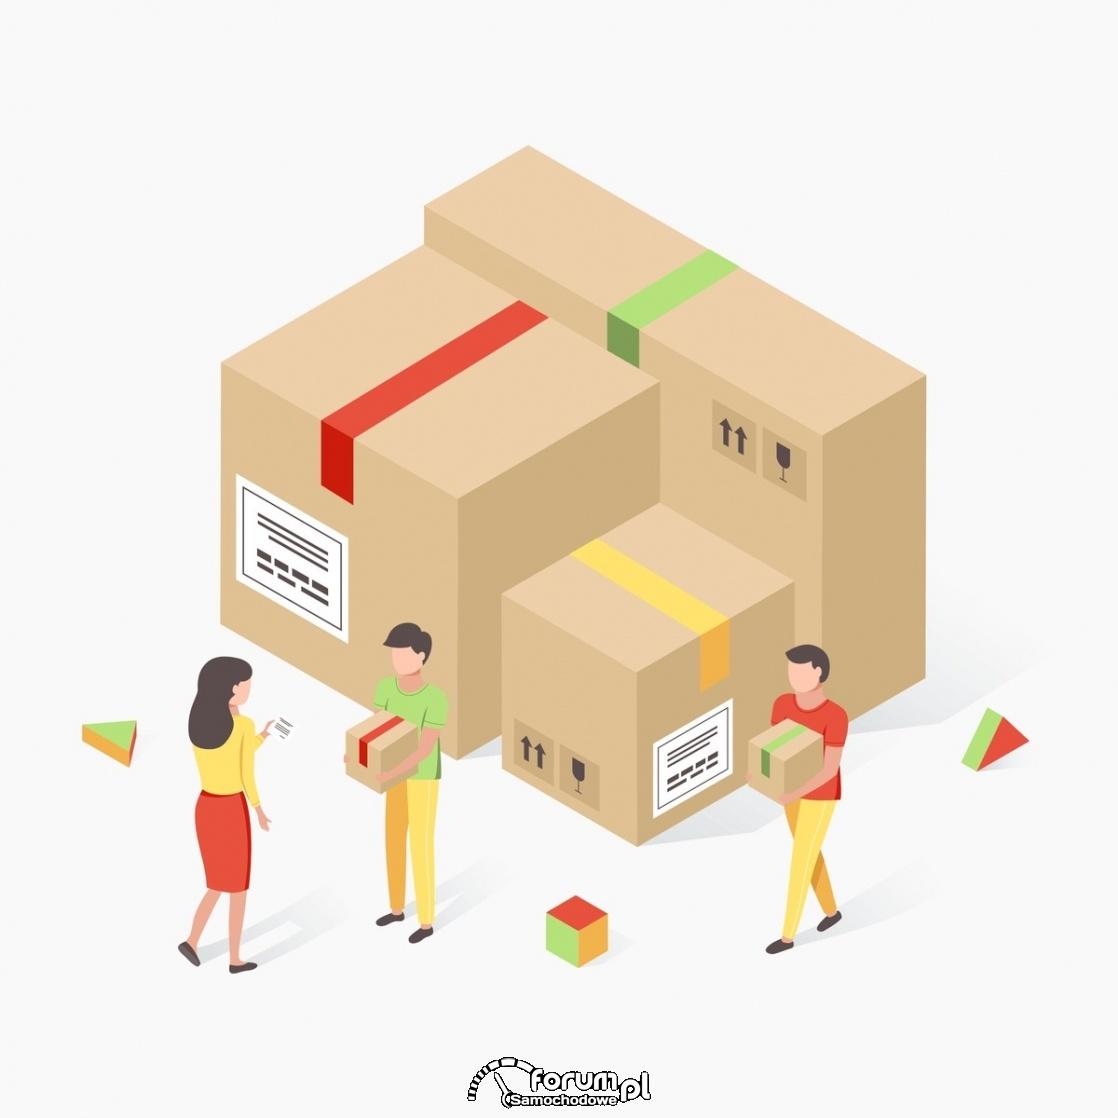 Kurier, przesyłka, dostarczanie paczek